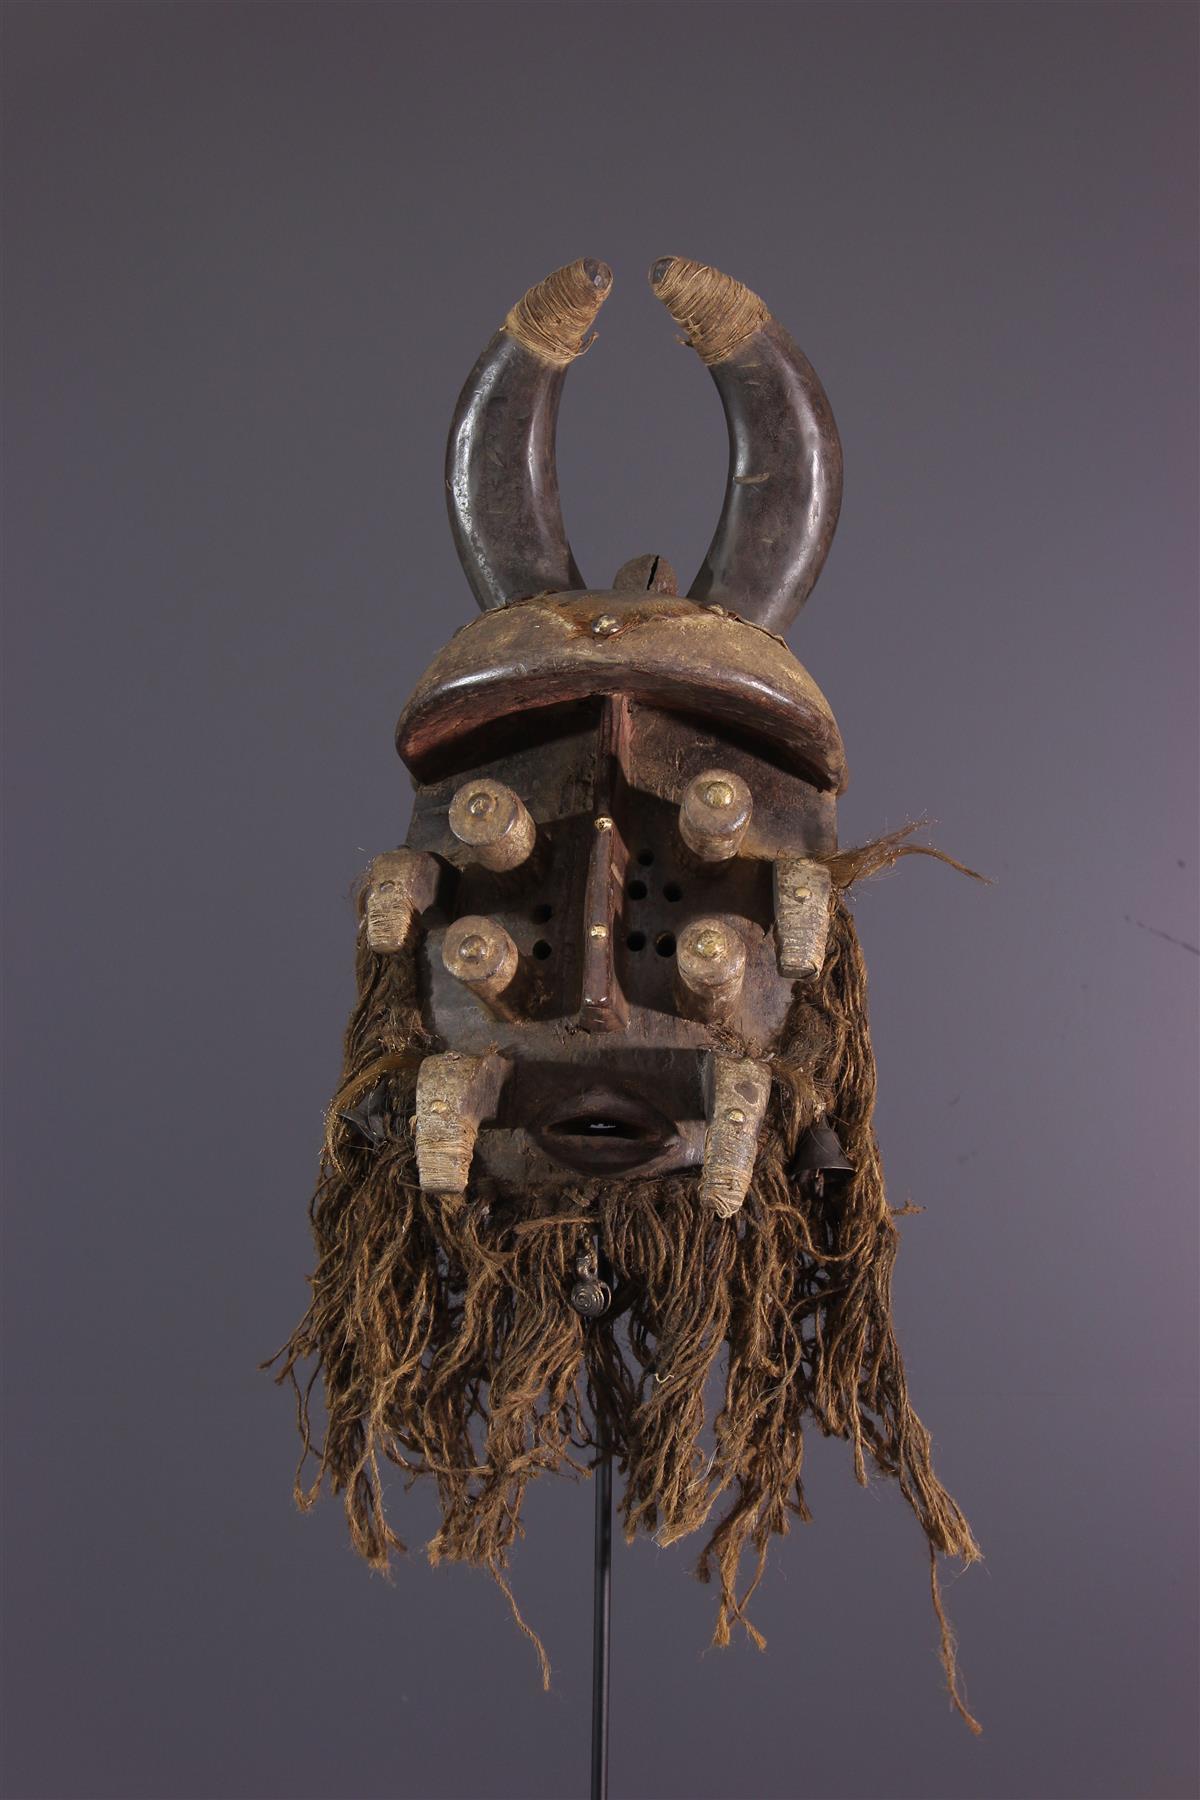 Beté Mask - African art